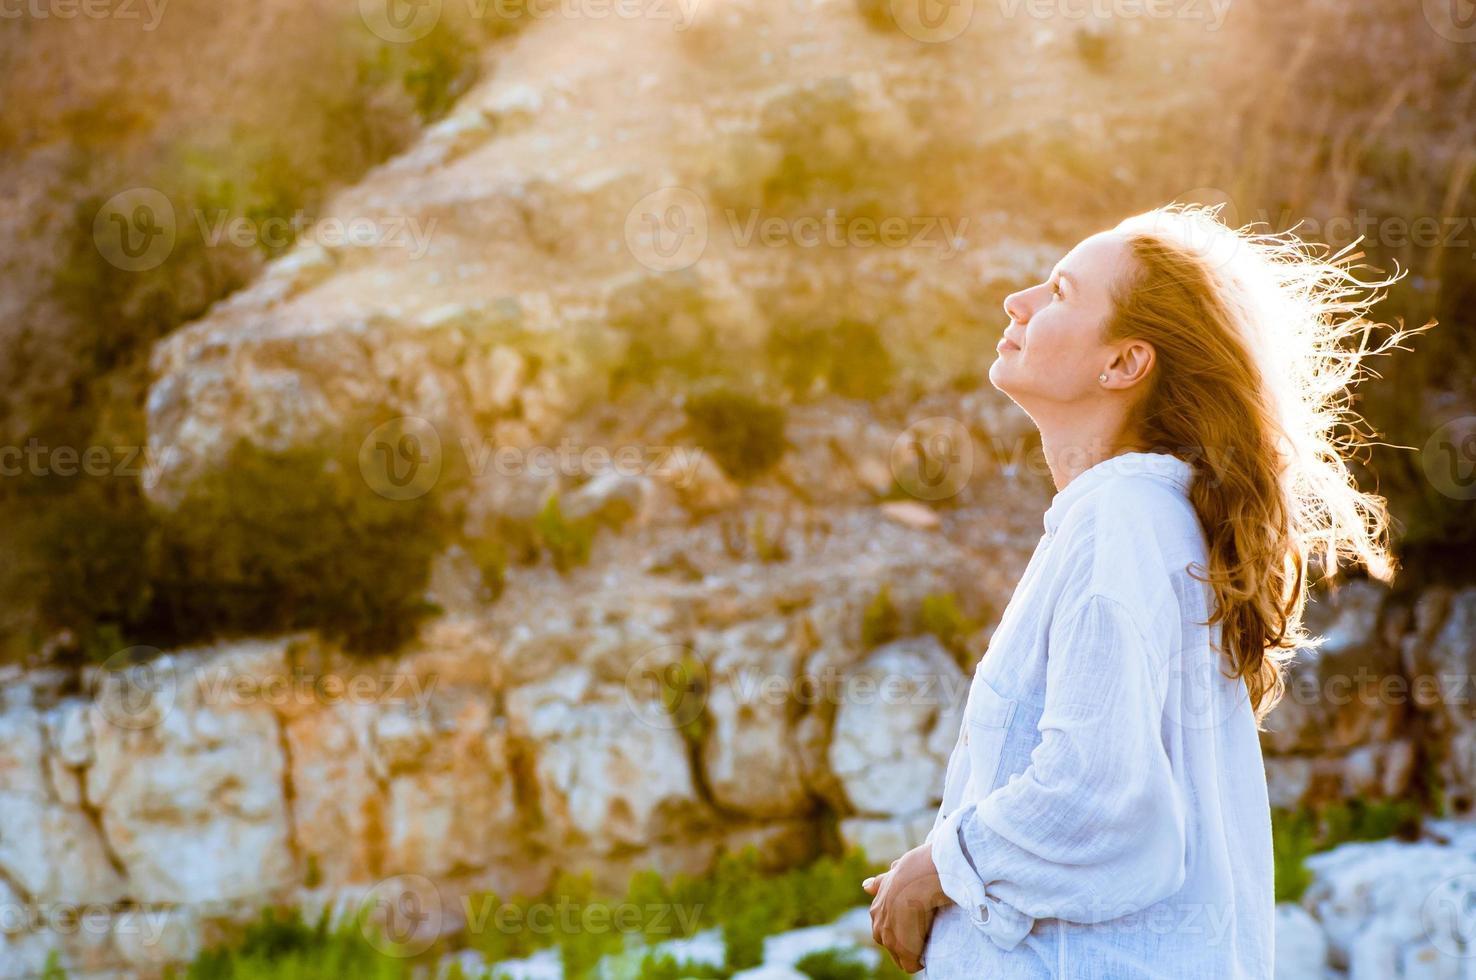 mulher jovem e bonita camisa branca, aproveitando a luz do sol foto